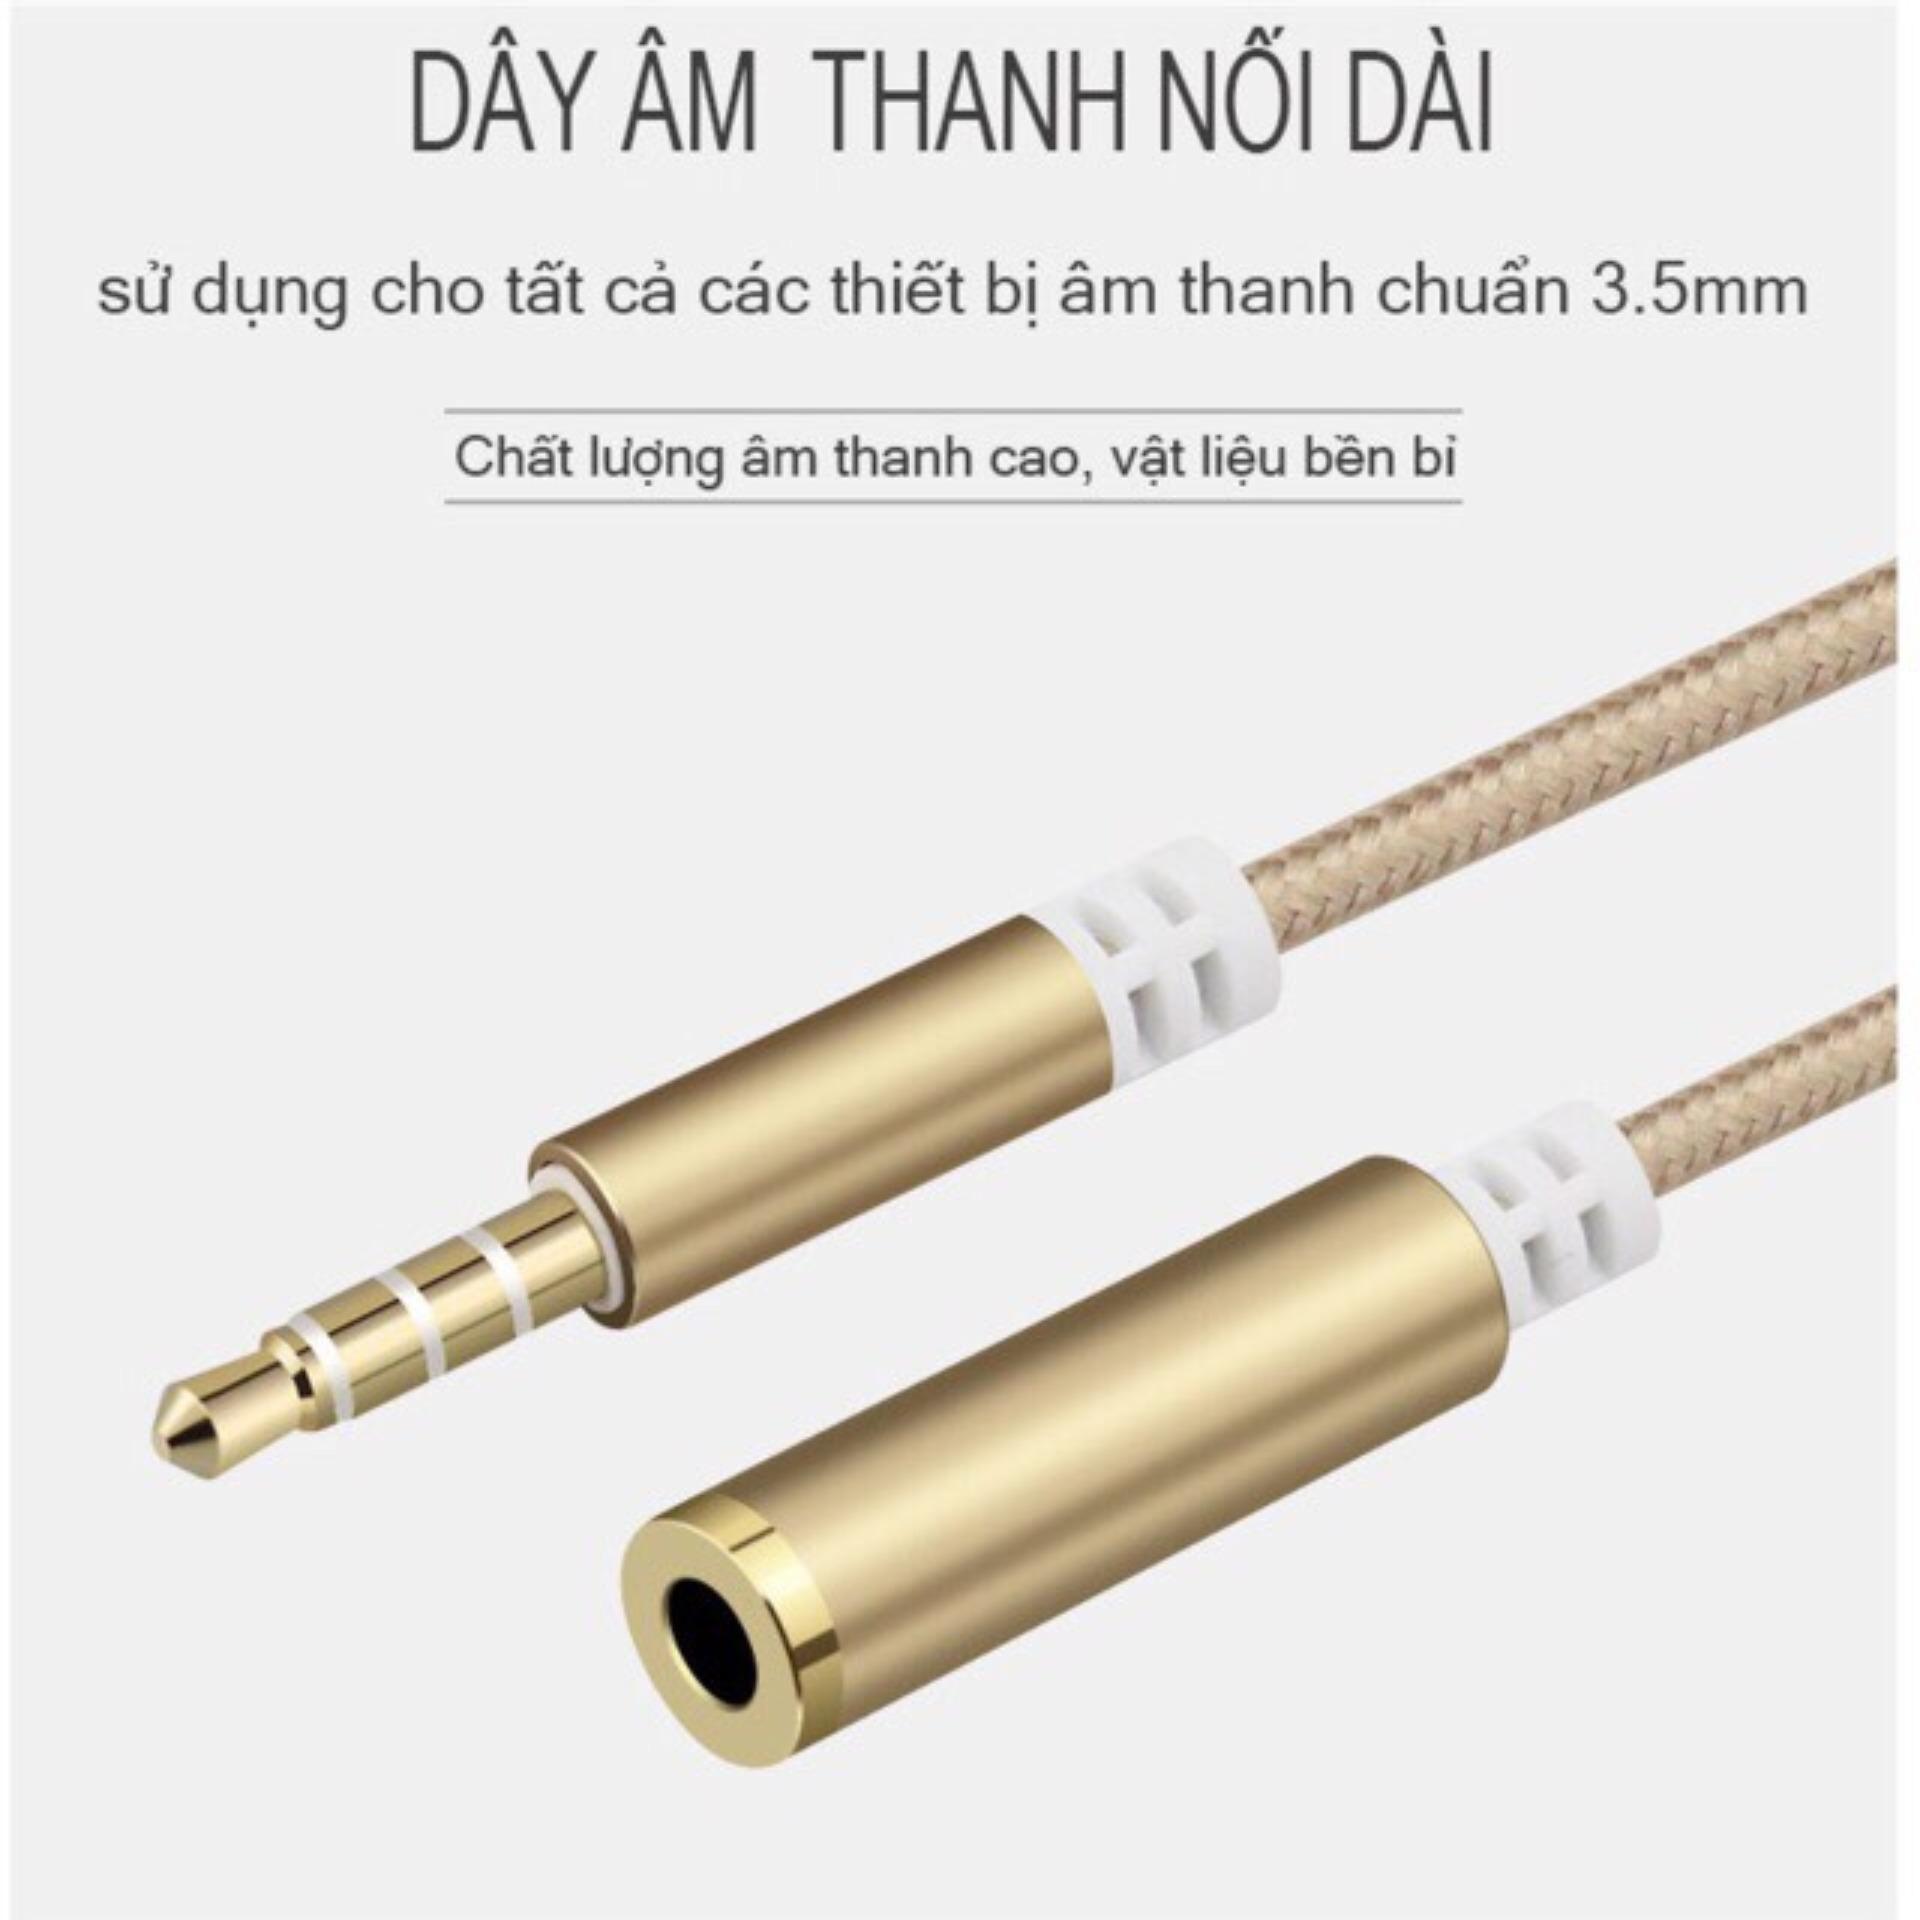 Dây nối dài âm thanh jack 3.5mm 4 khấc AUX cho tai nghe và các dây âm thanh chuẩn 3.5mm